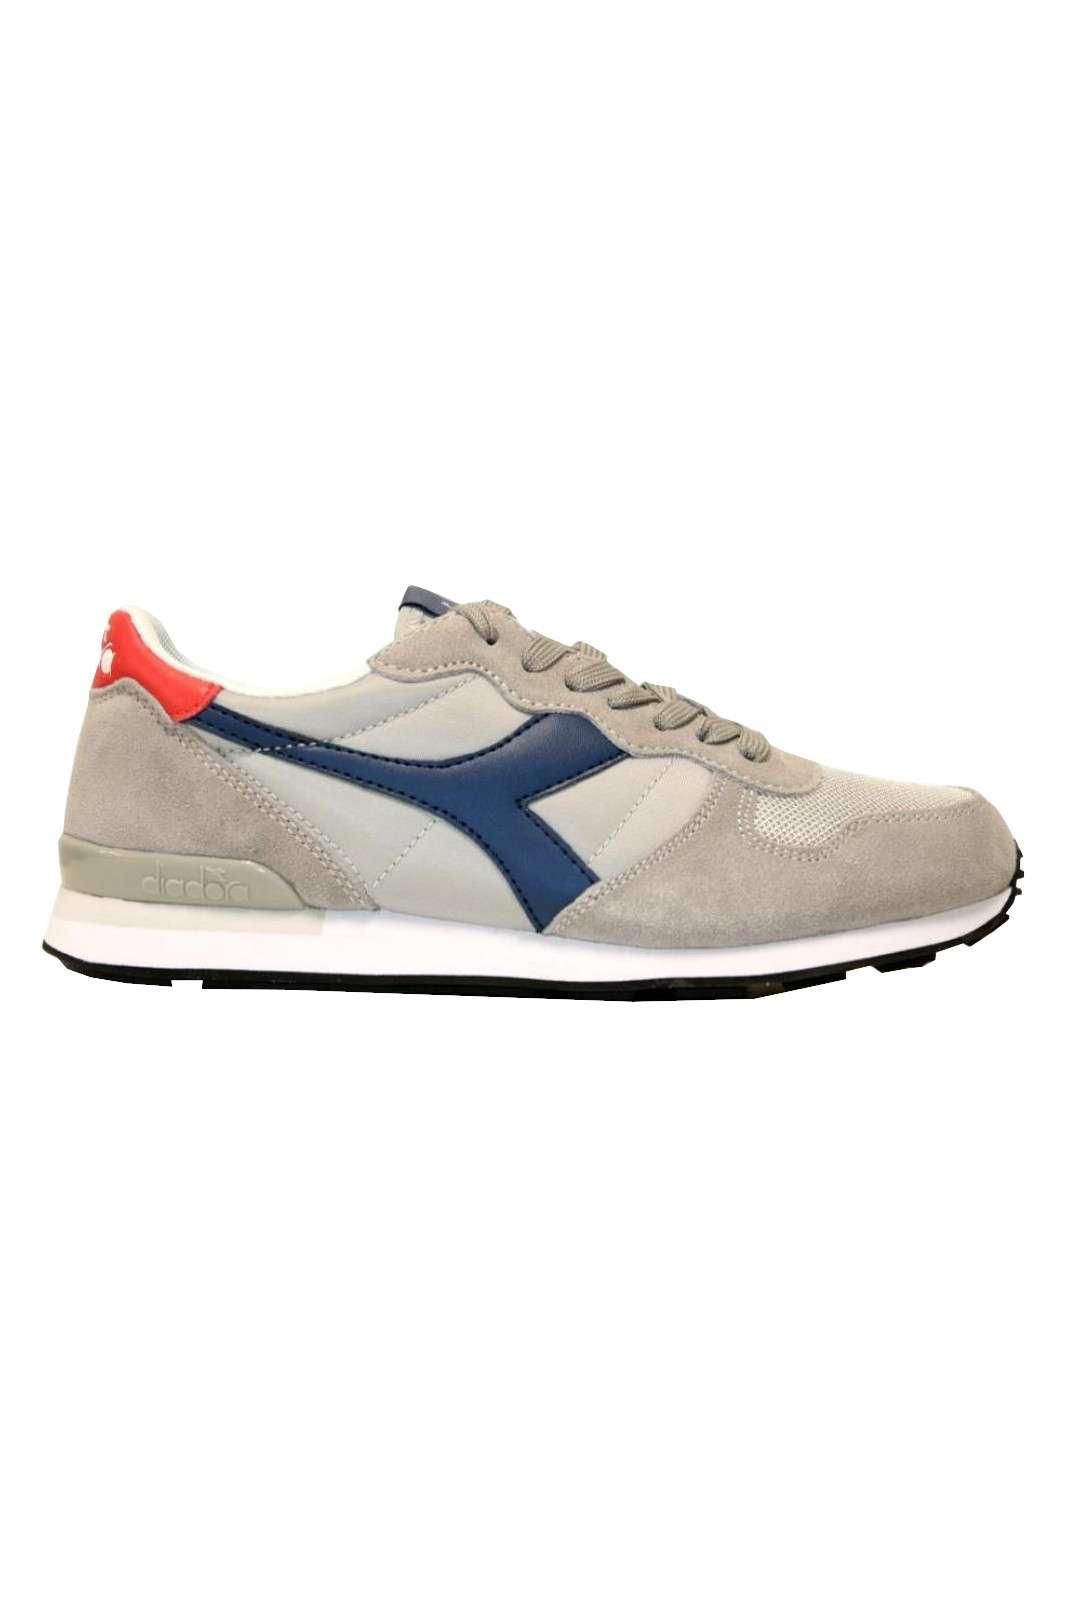 Veloce e sportive le sneakers da revival anni 90 proposta da questa nuova collezione. Sono perfette per i look casual, da indossare sia con pantaloni da jogging che con un paio di jeans. Amate e resistenti, sono un must per i look comfort chic.